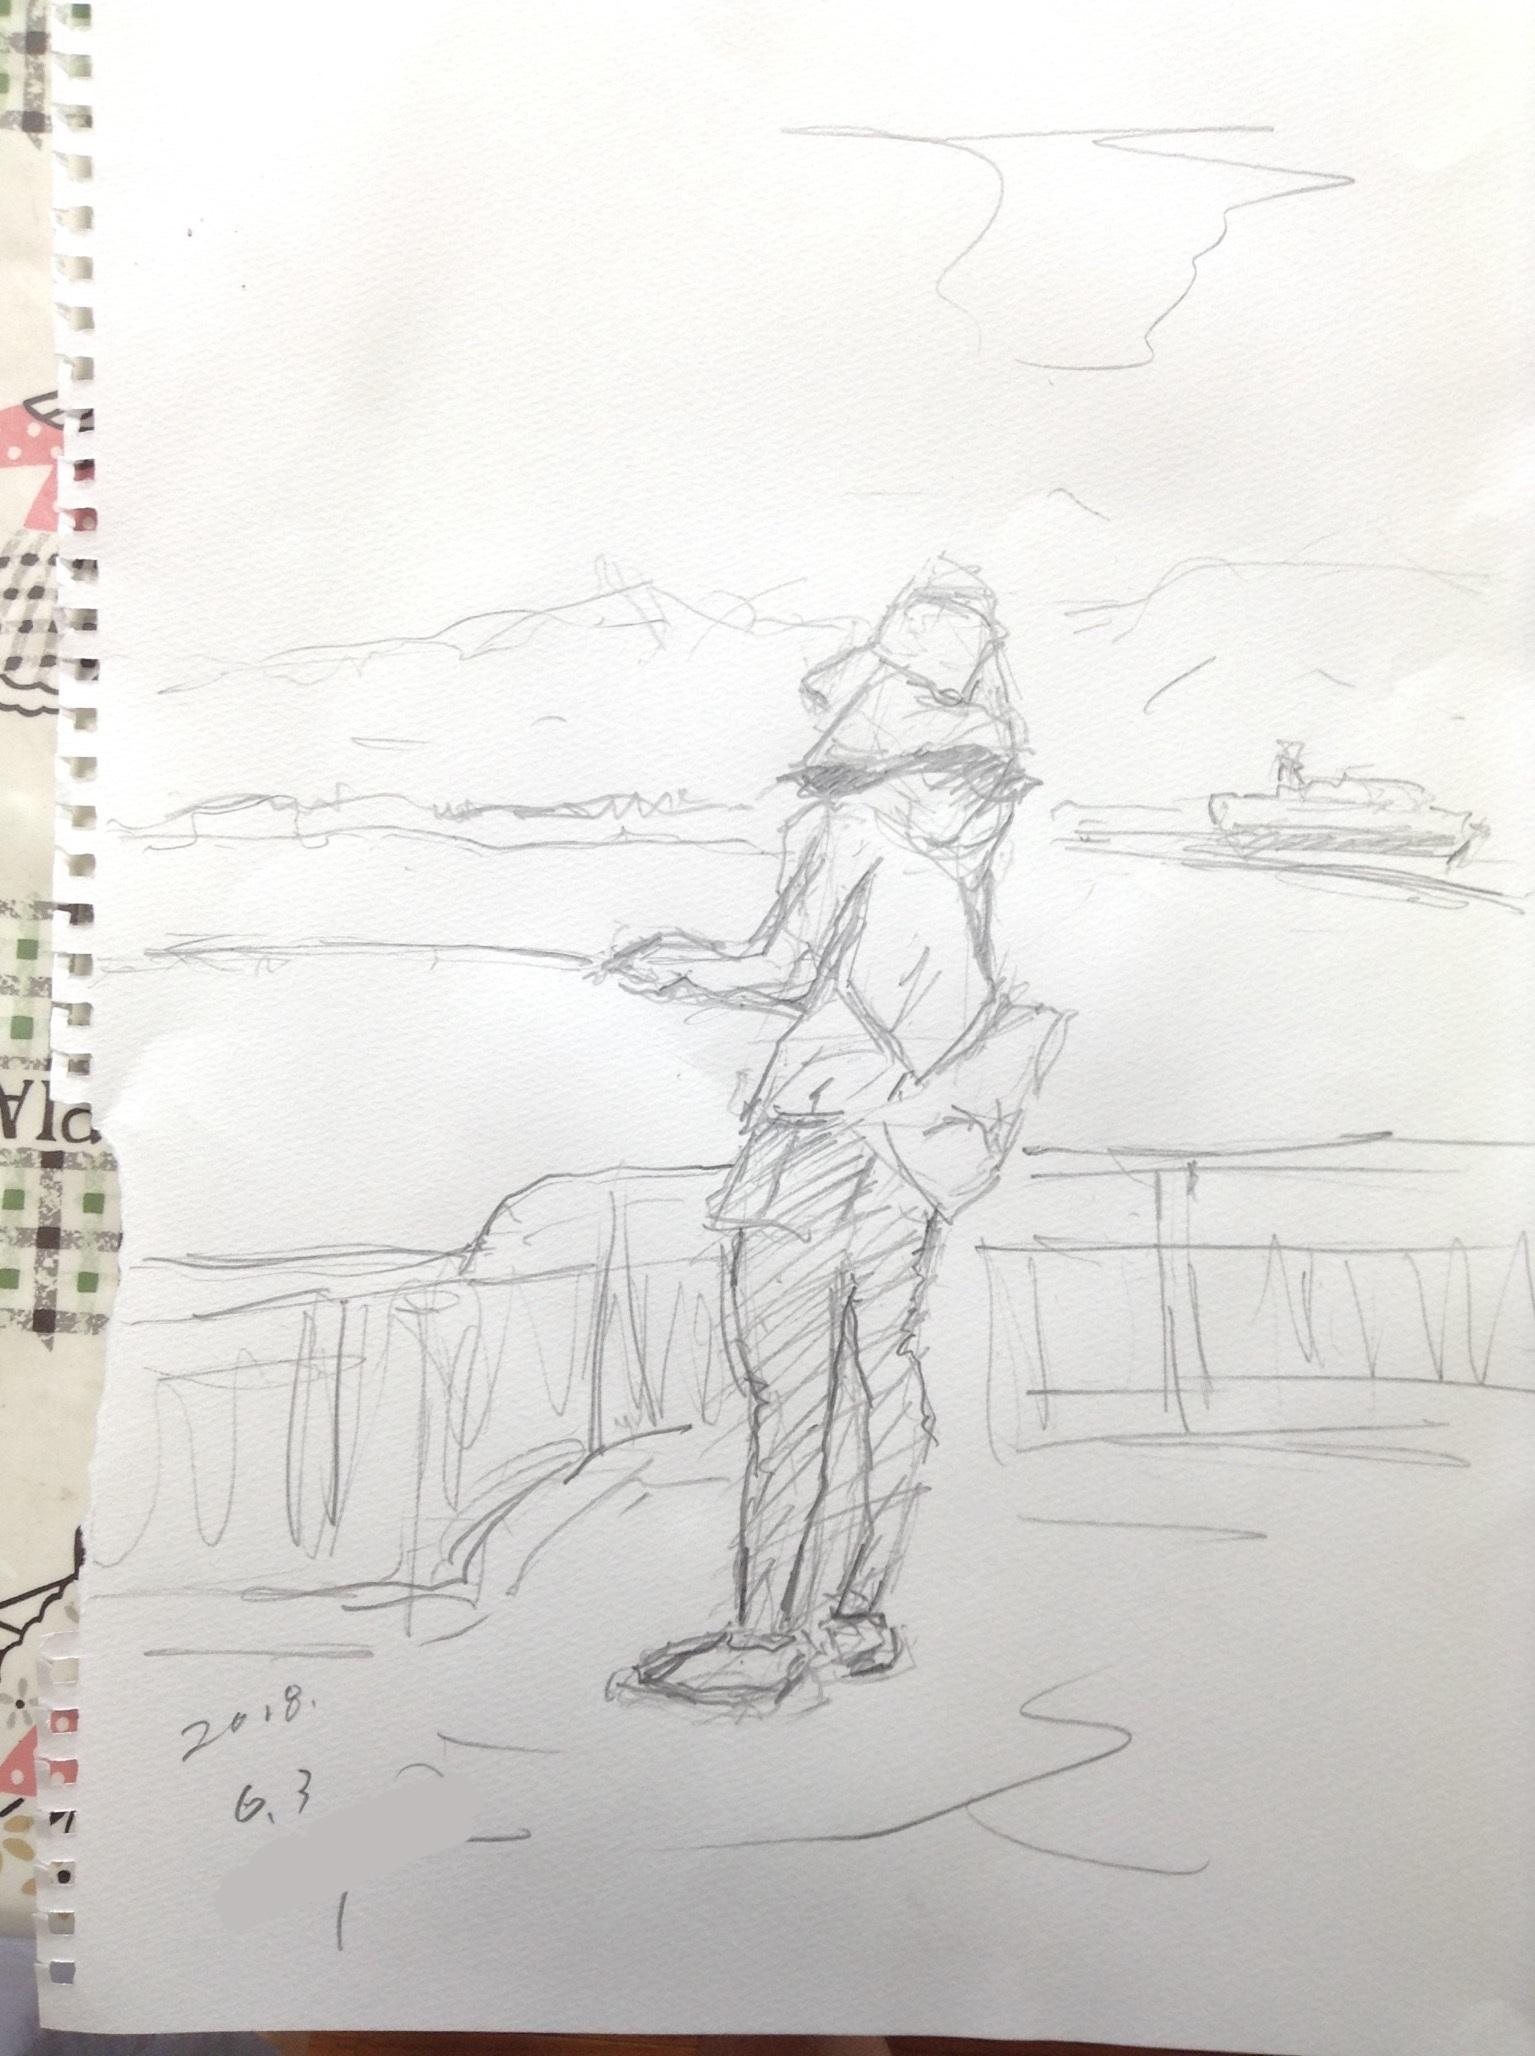 2018-6-3のキス釣り (4)